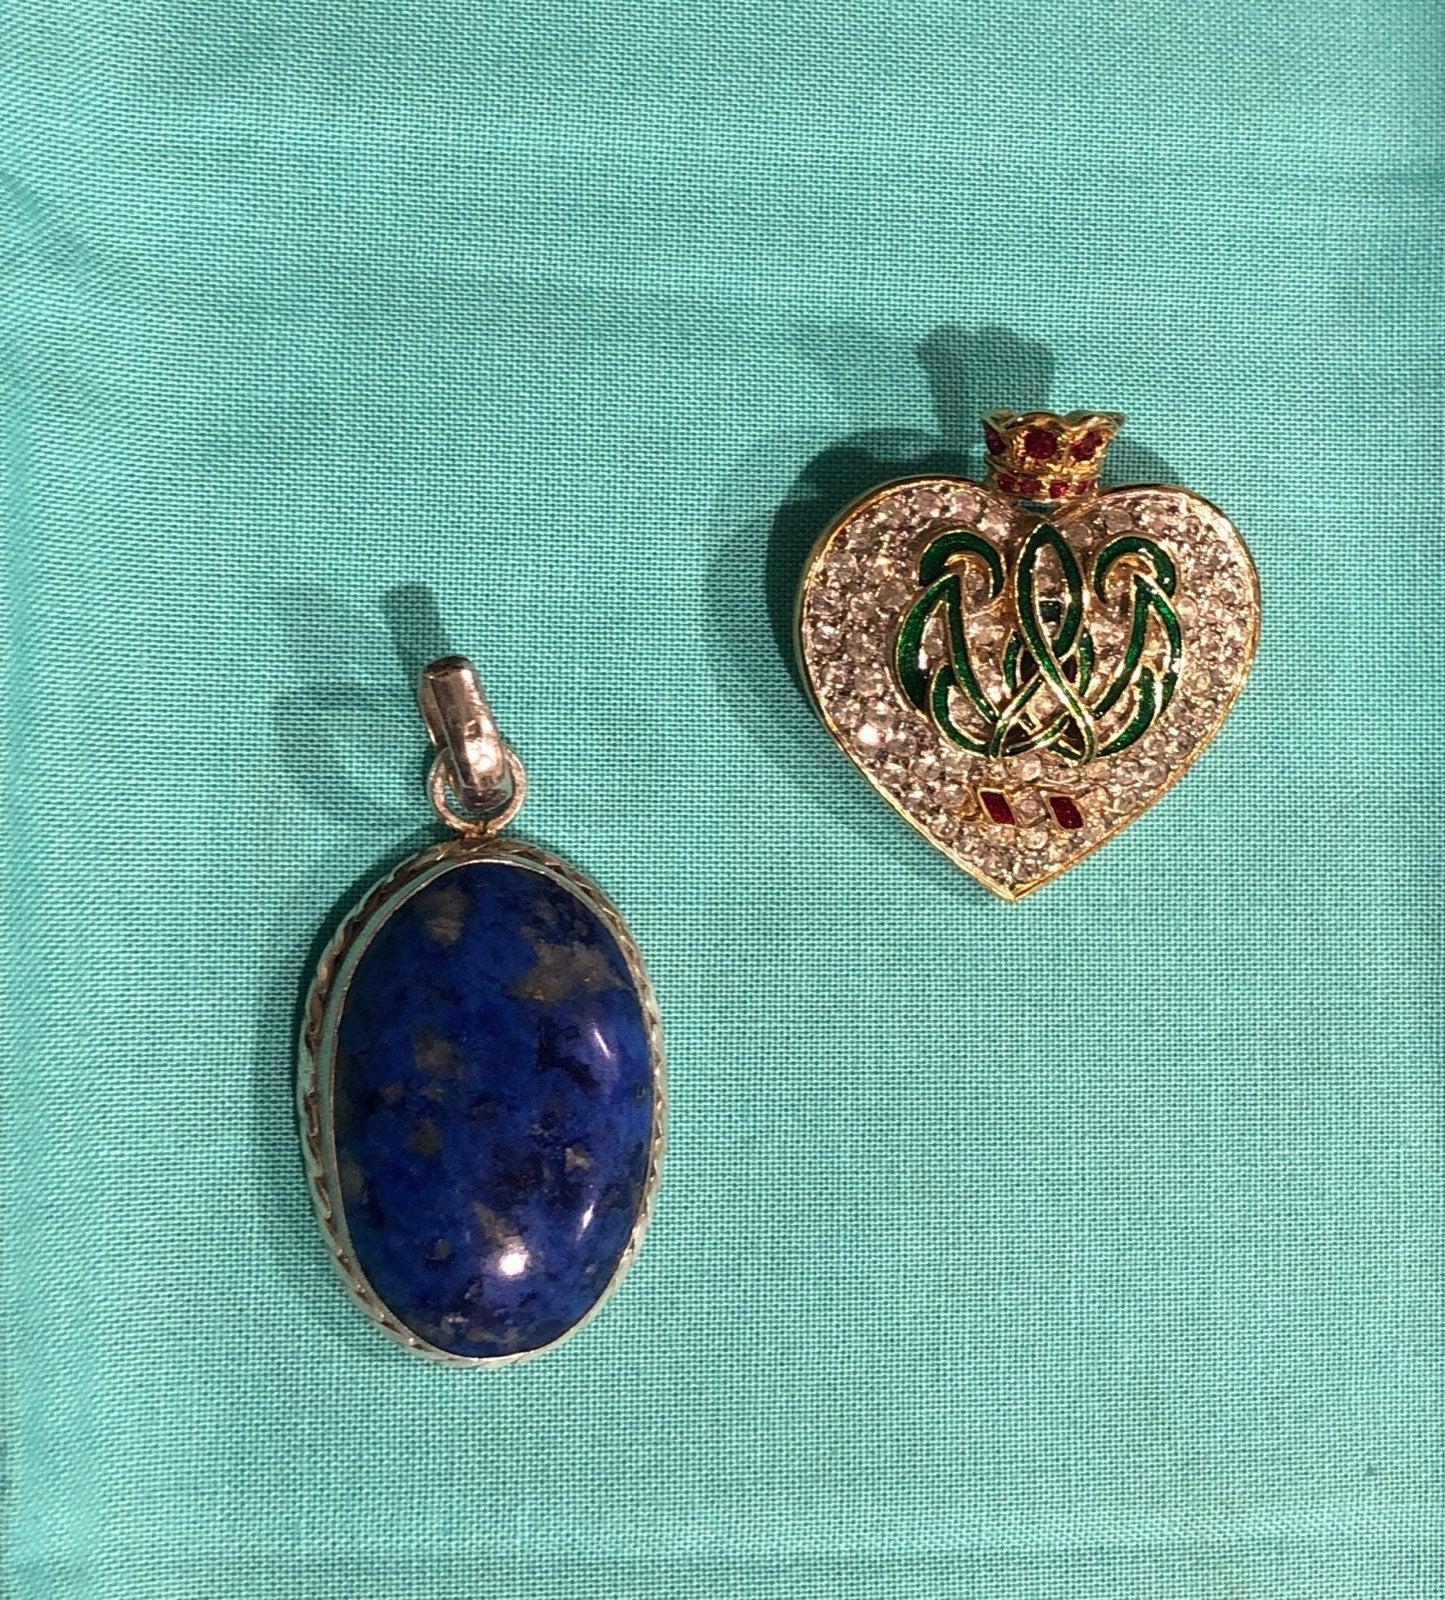 Enameled/Rhinestone GT Heart Brooch